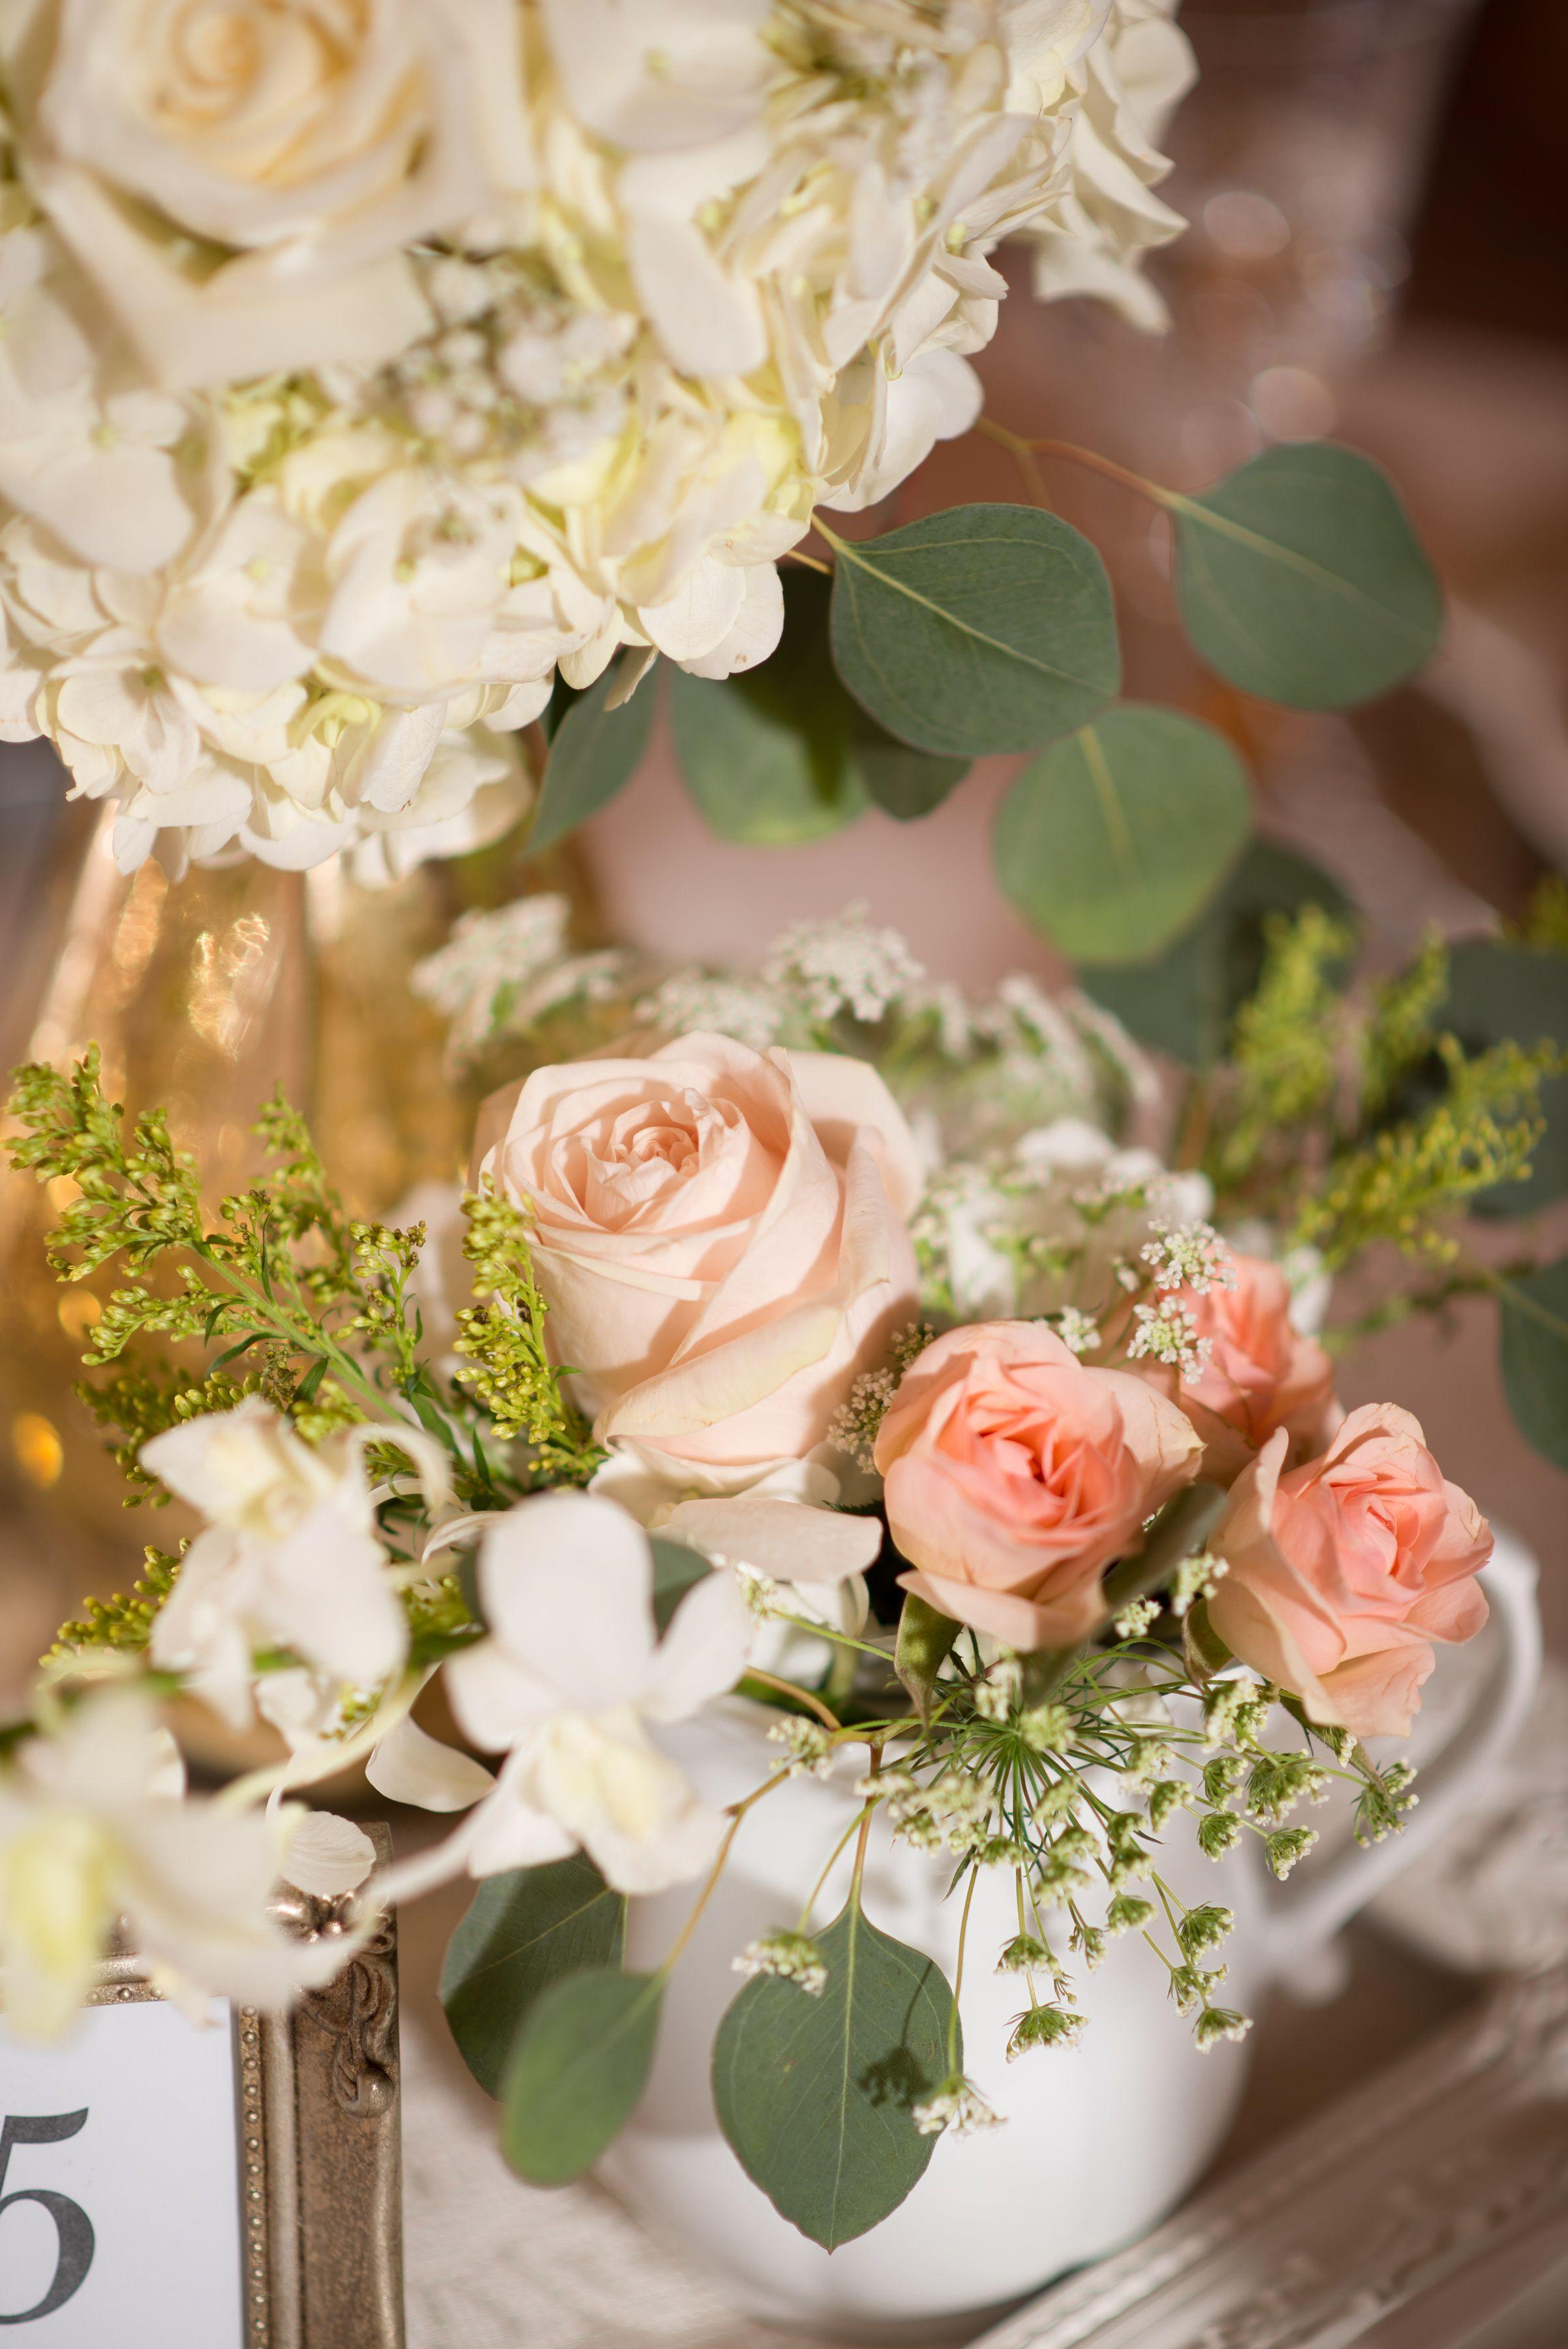 Modern Vintage Wedding Centerpiece | Vintage wedding ...